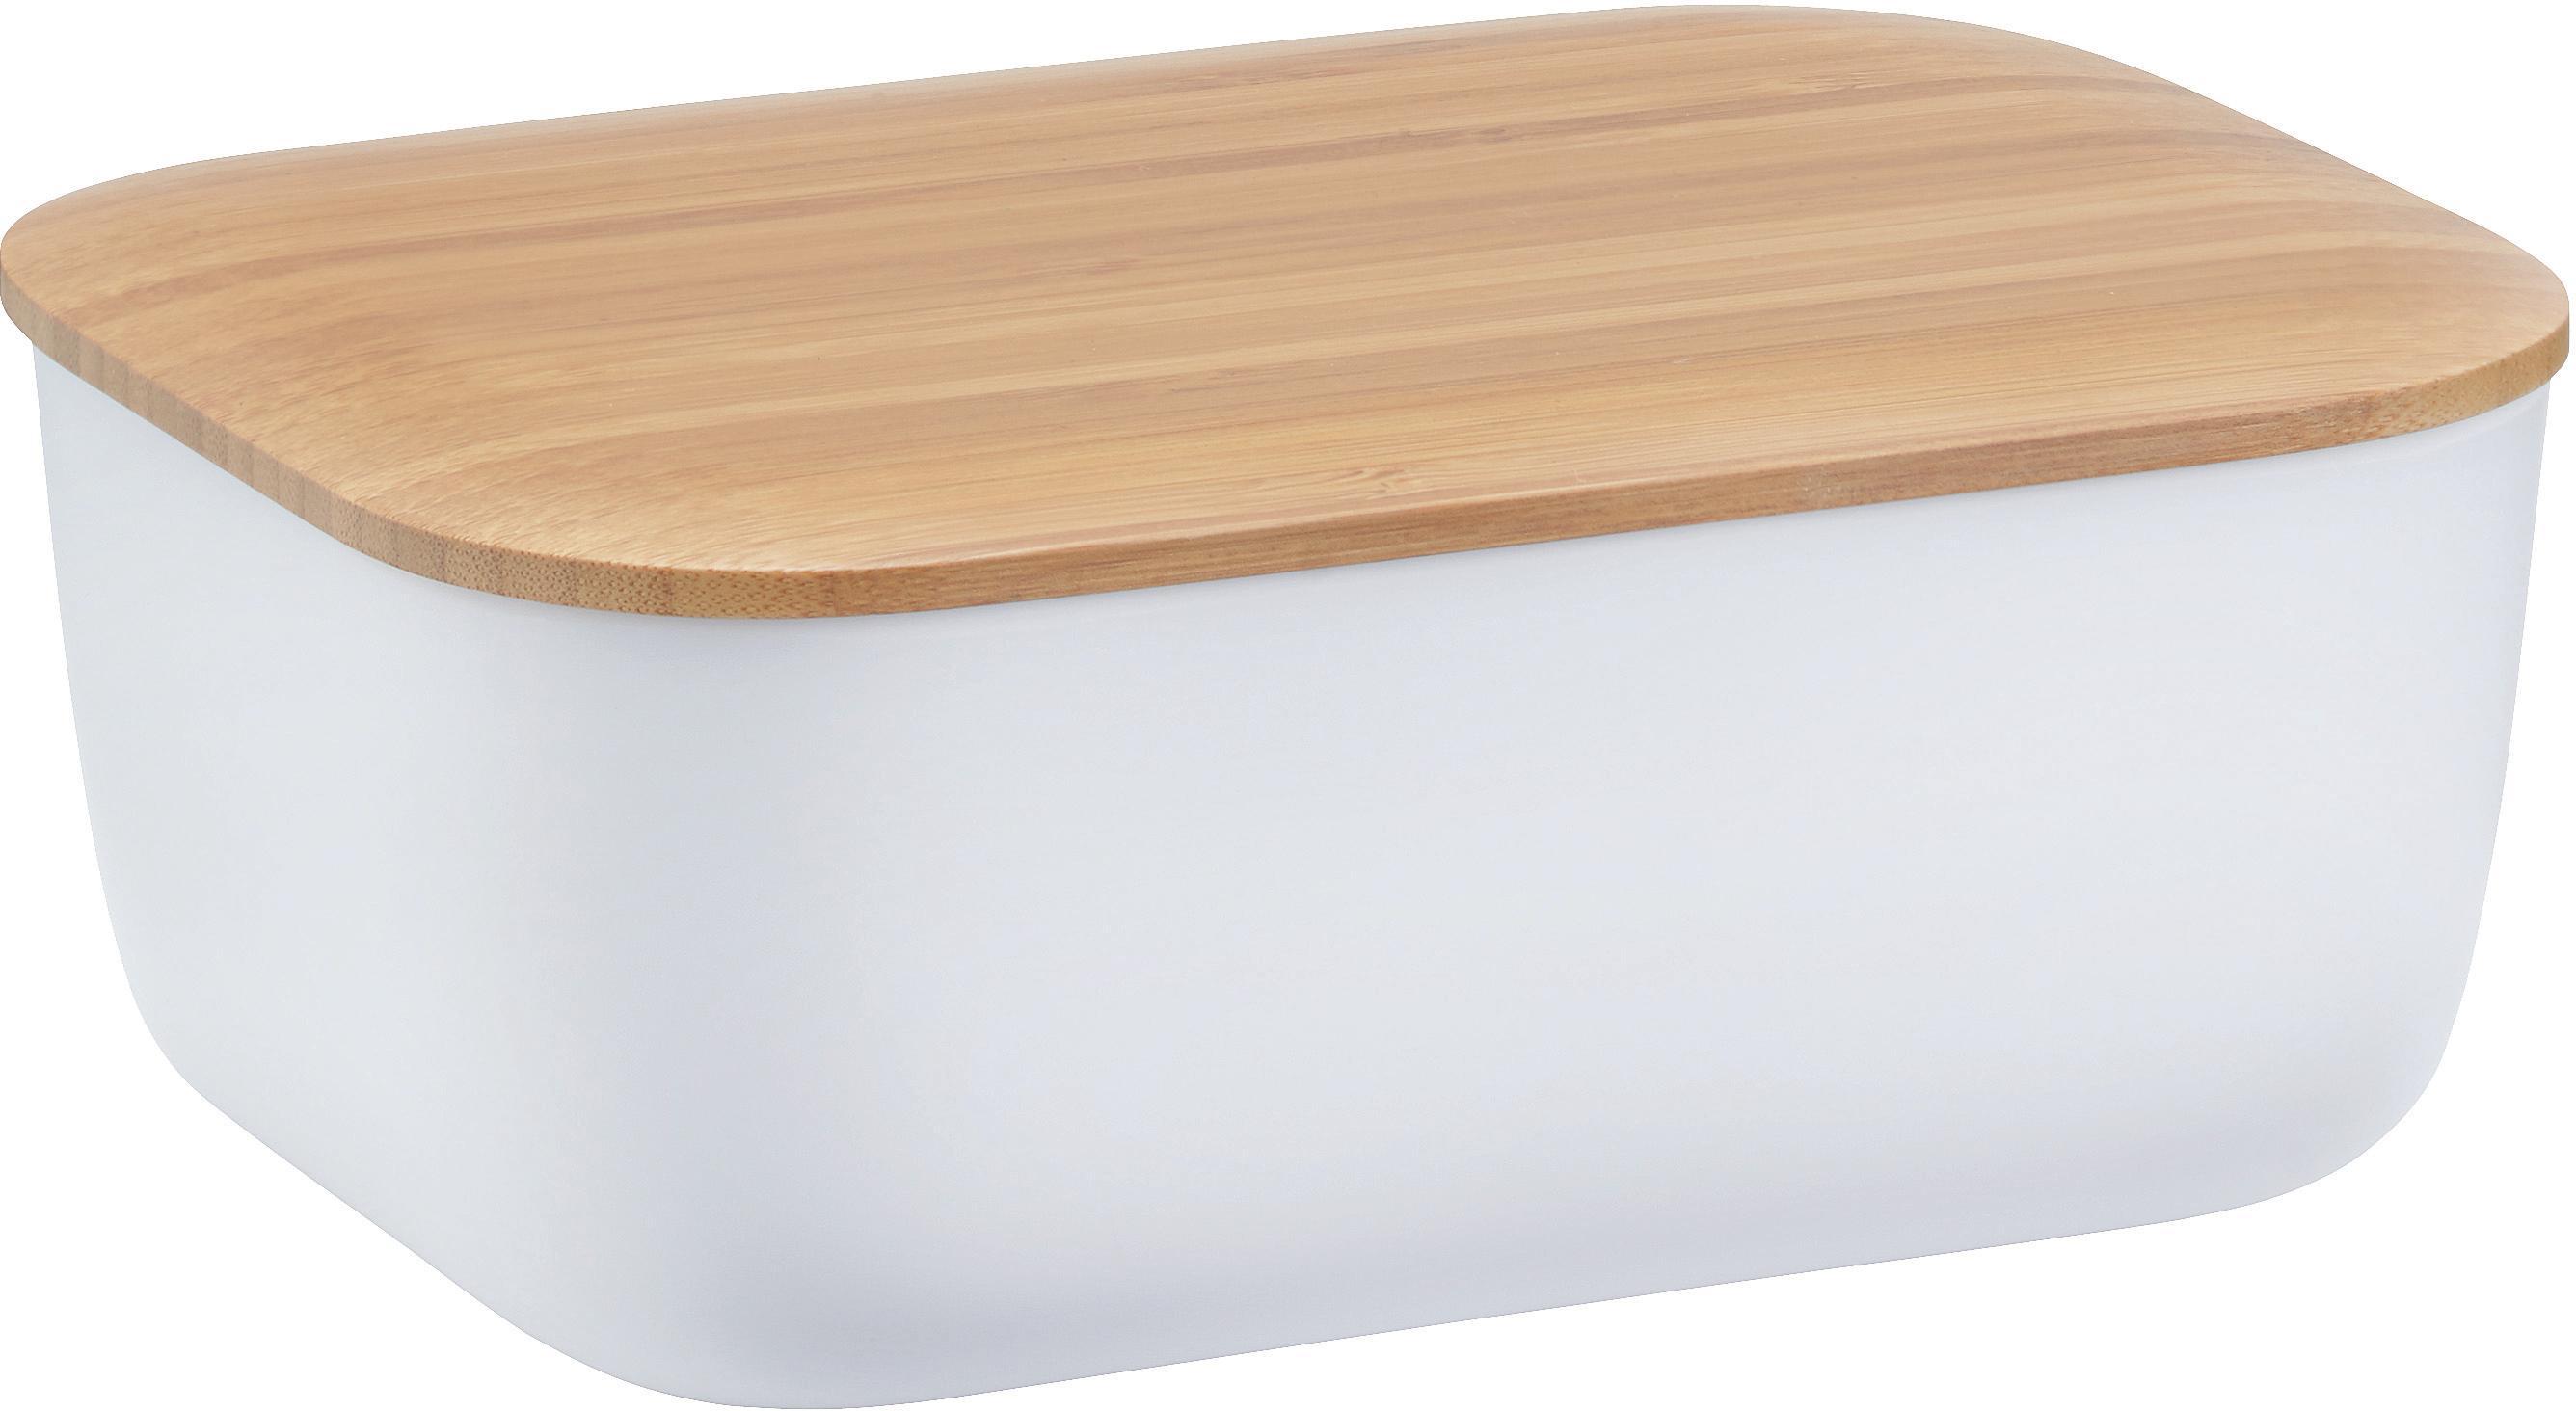 Botervloot Box-It, Pot: melamine, Deksel: bamboehout, Wit, bamboehoutkleurig, 15 x 7 cm